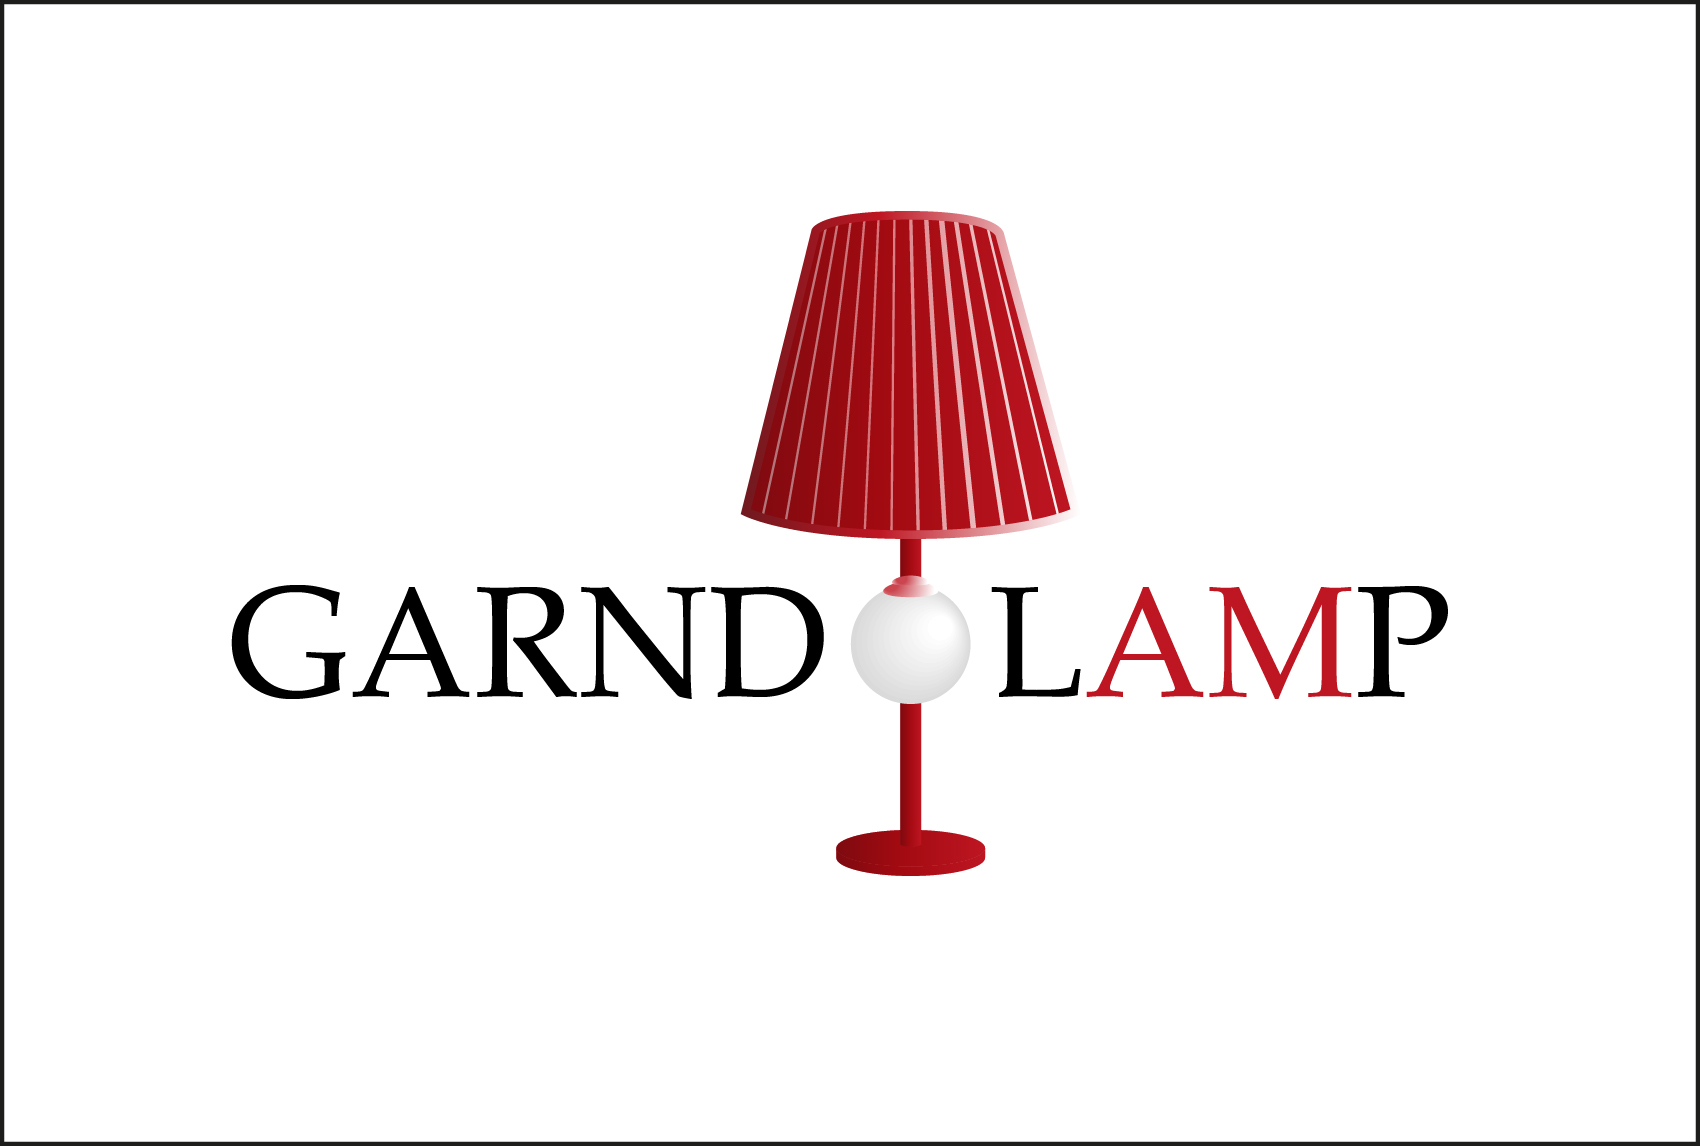 Разработка логотипа и элементов фирменного стиля фото f_2895815e6879e6d1.jpg